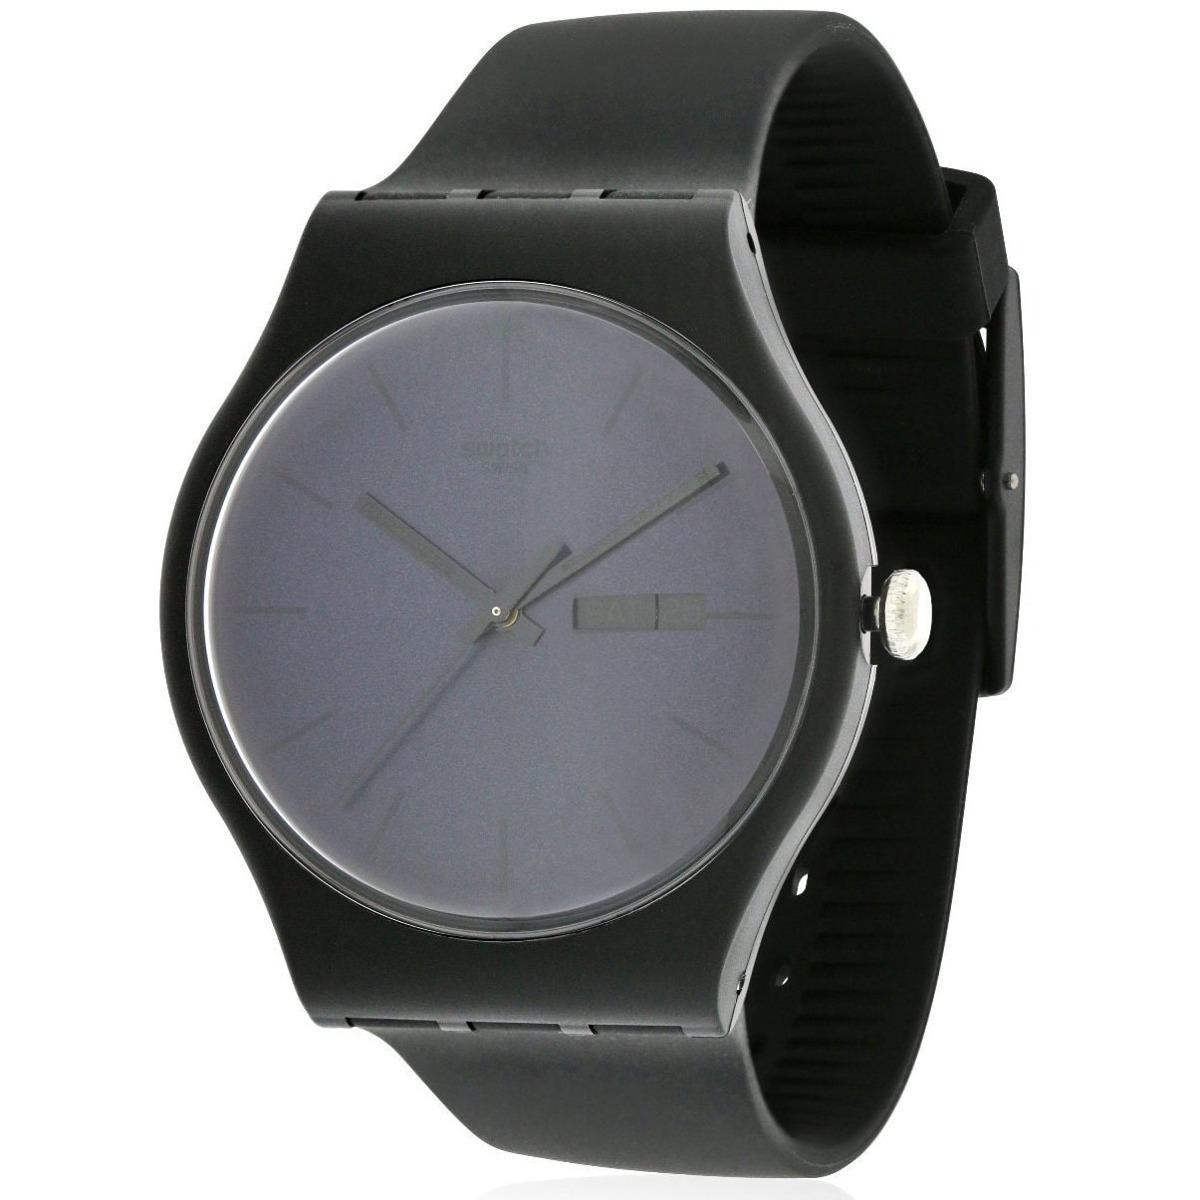 Reloj Para Negro Hombre Suob702 Swatch 5R3A4qjL